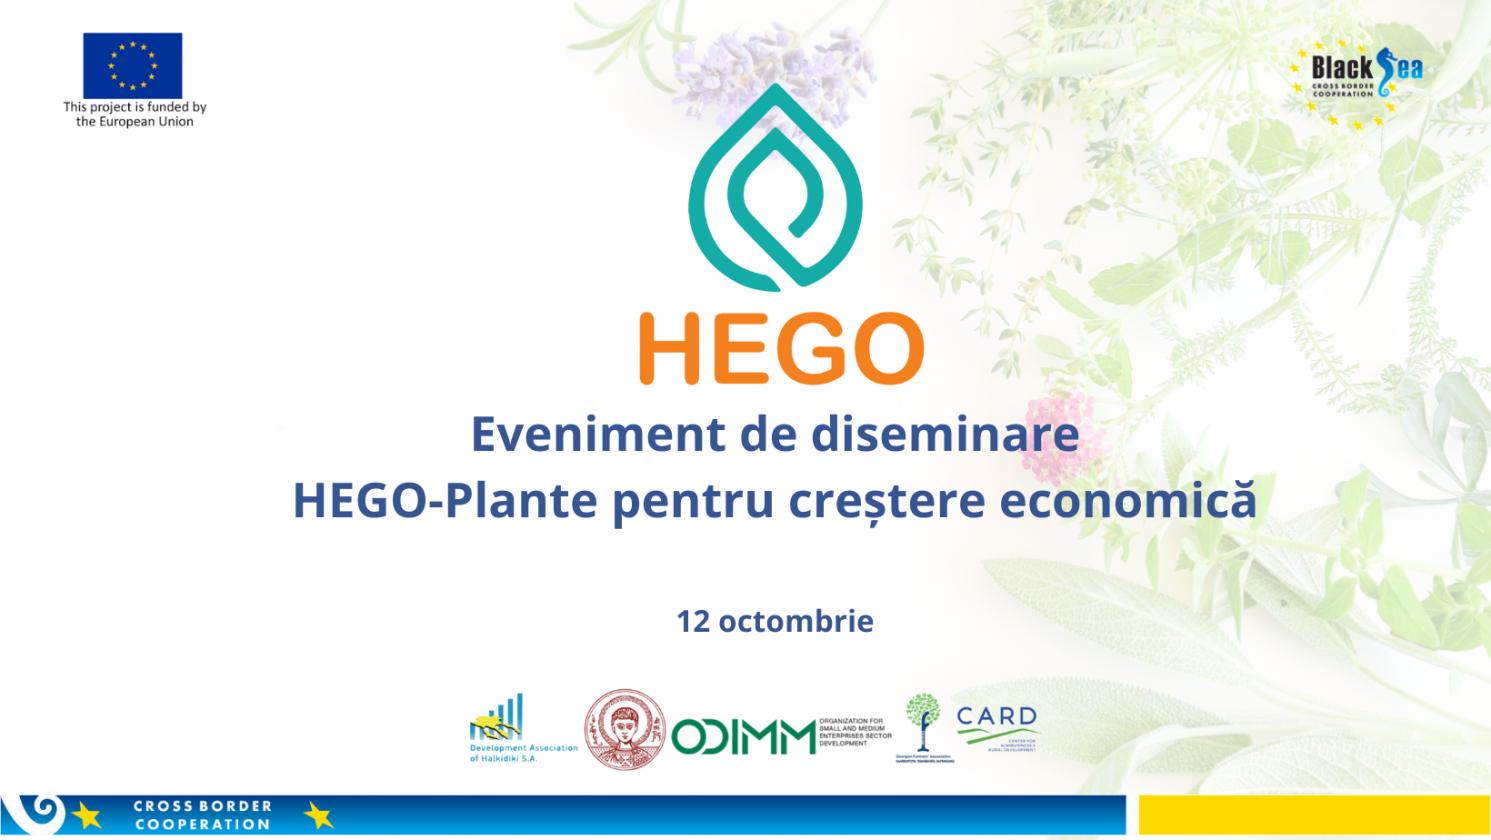 Industria plantelor medicinale și aromatice, susținută printr-un proiect transfrontalier